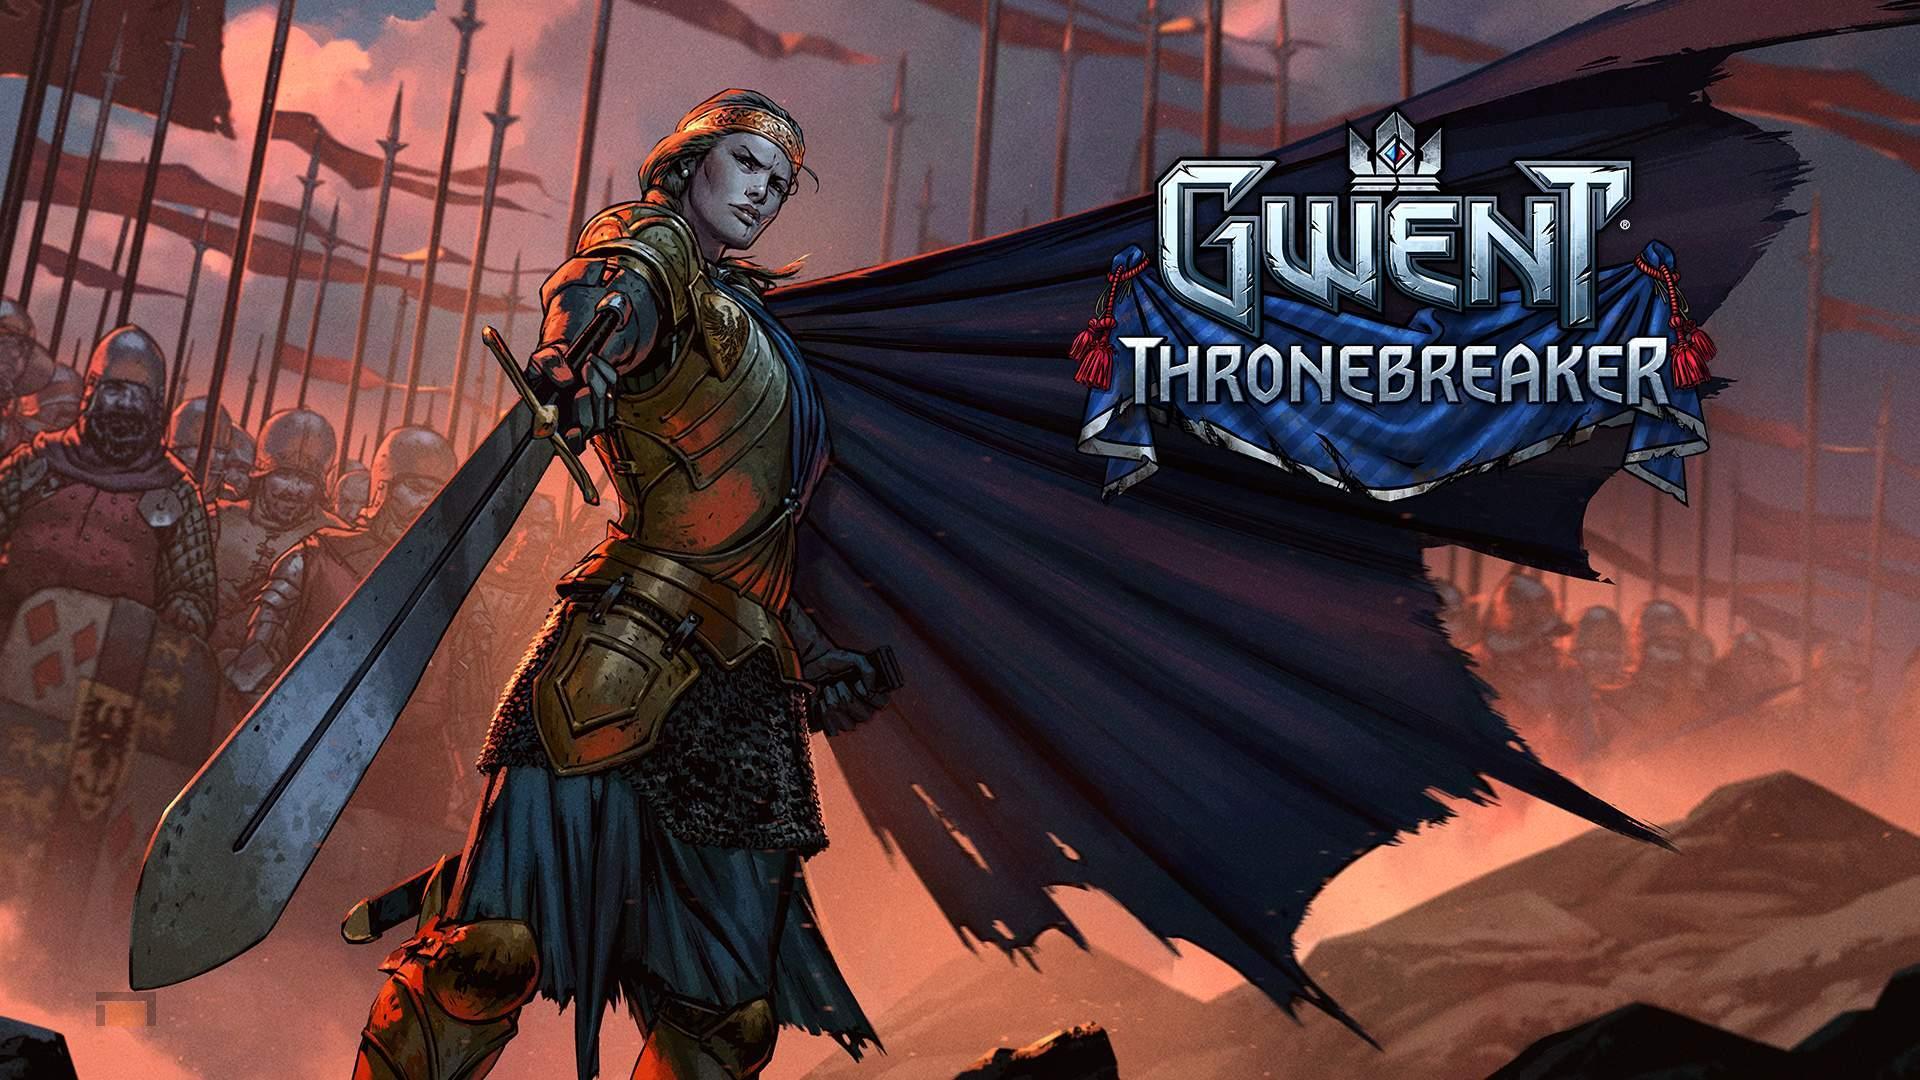 Gwent tendrá modo historia y se llamará Thronebreaker. Además anunciados torneos públicos.